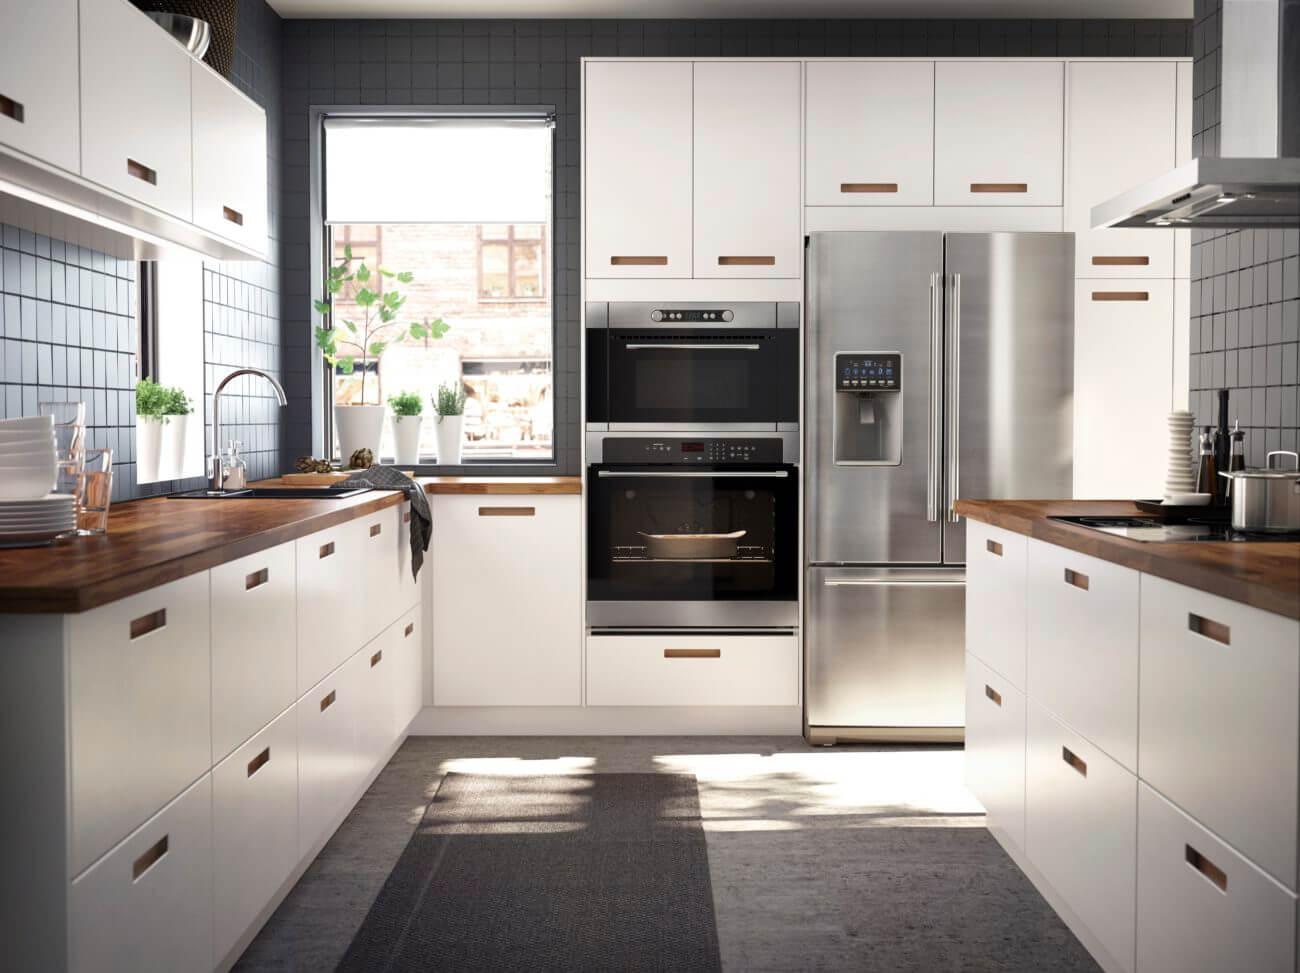 Full Size of Hochwertige Küche Ohne Geräte Küche Ohne Geräte Kaufen Erfahrungen Respekta Küche Ohne Geräte Respekta Premium Küche Ohne Geräte Küche Küche Nolte